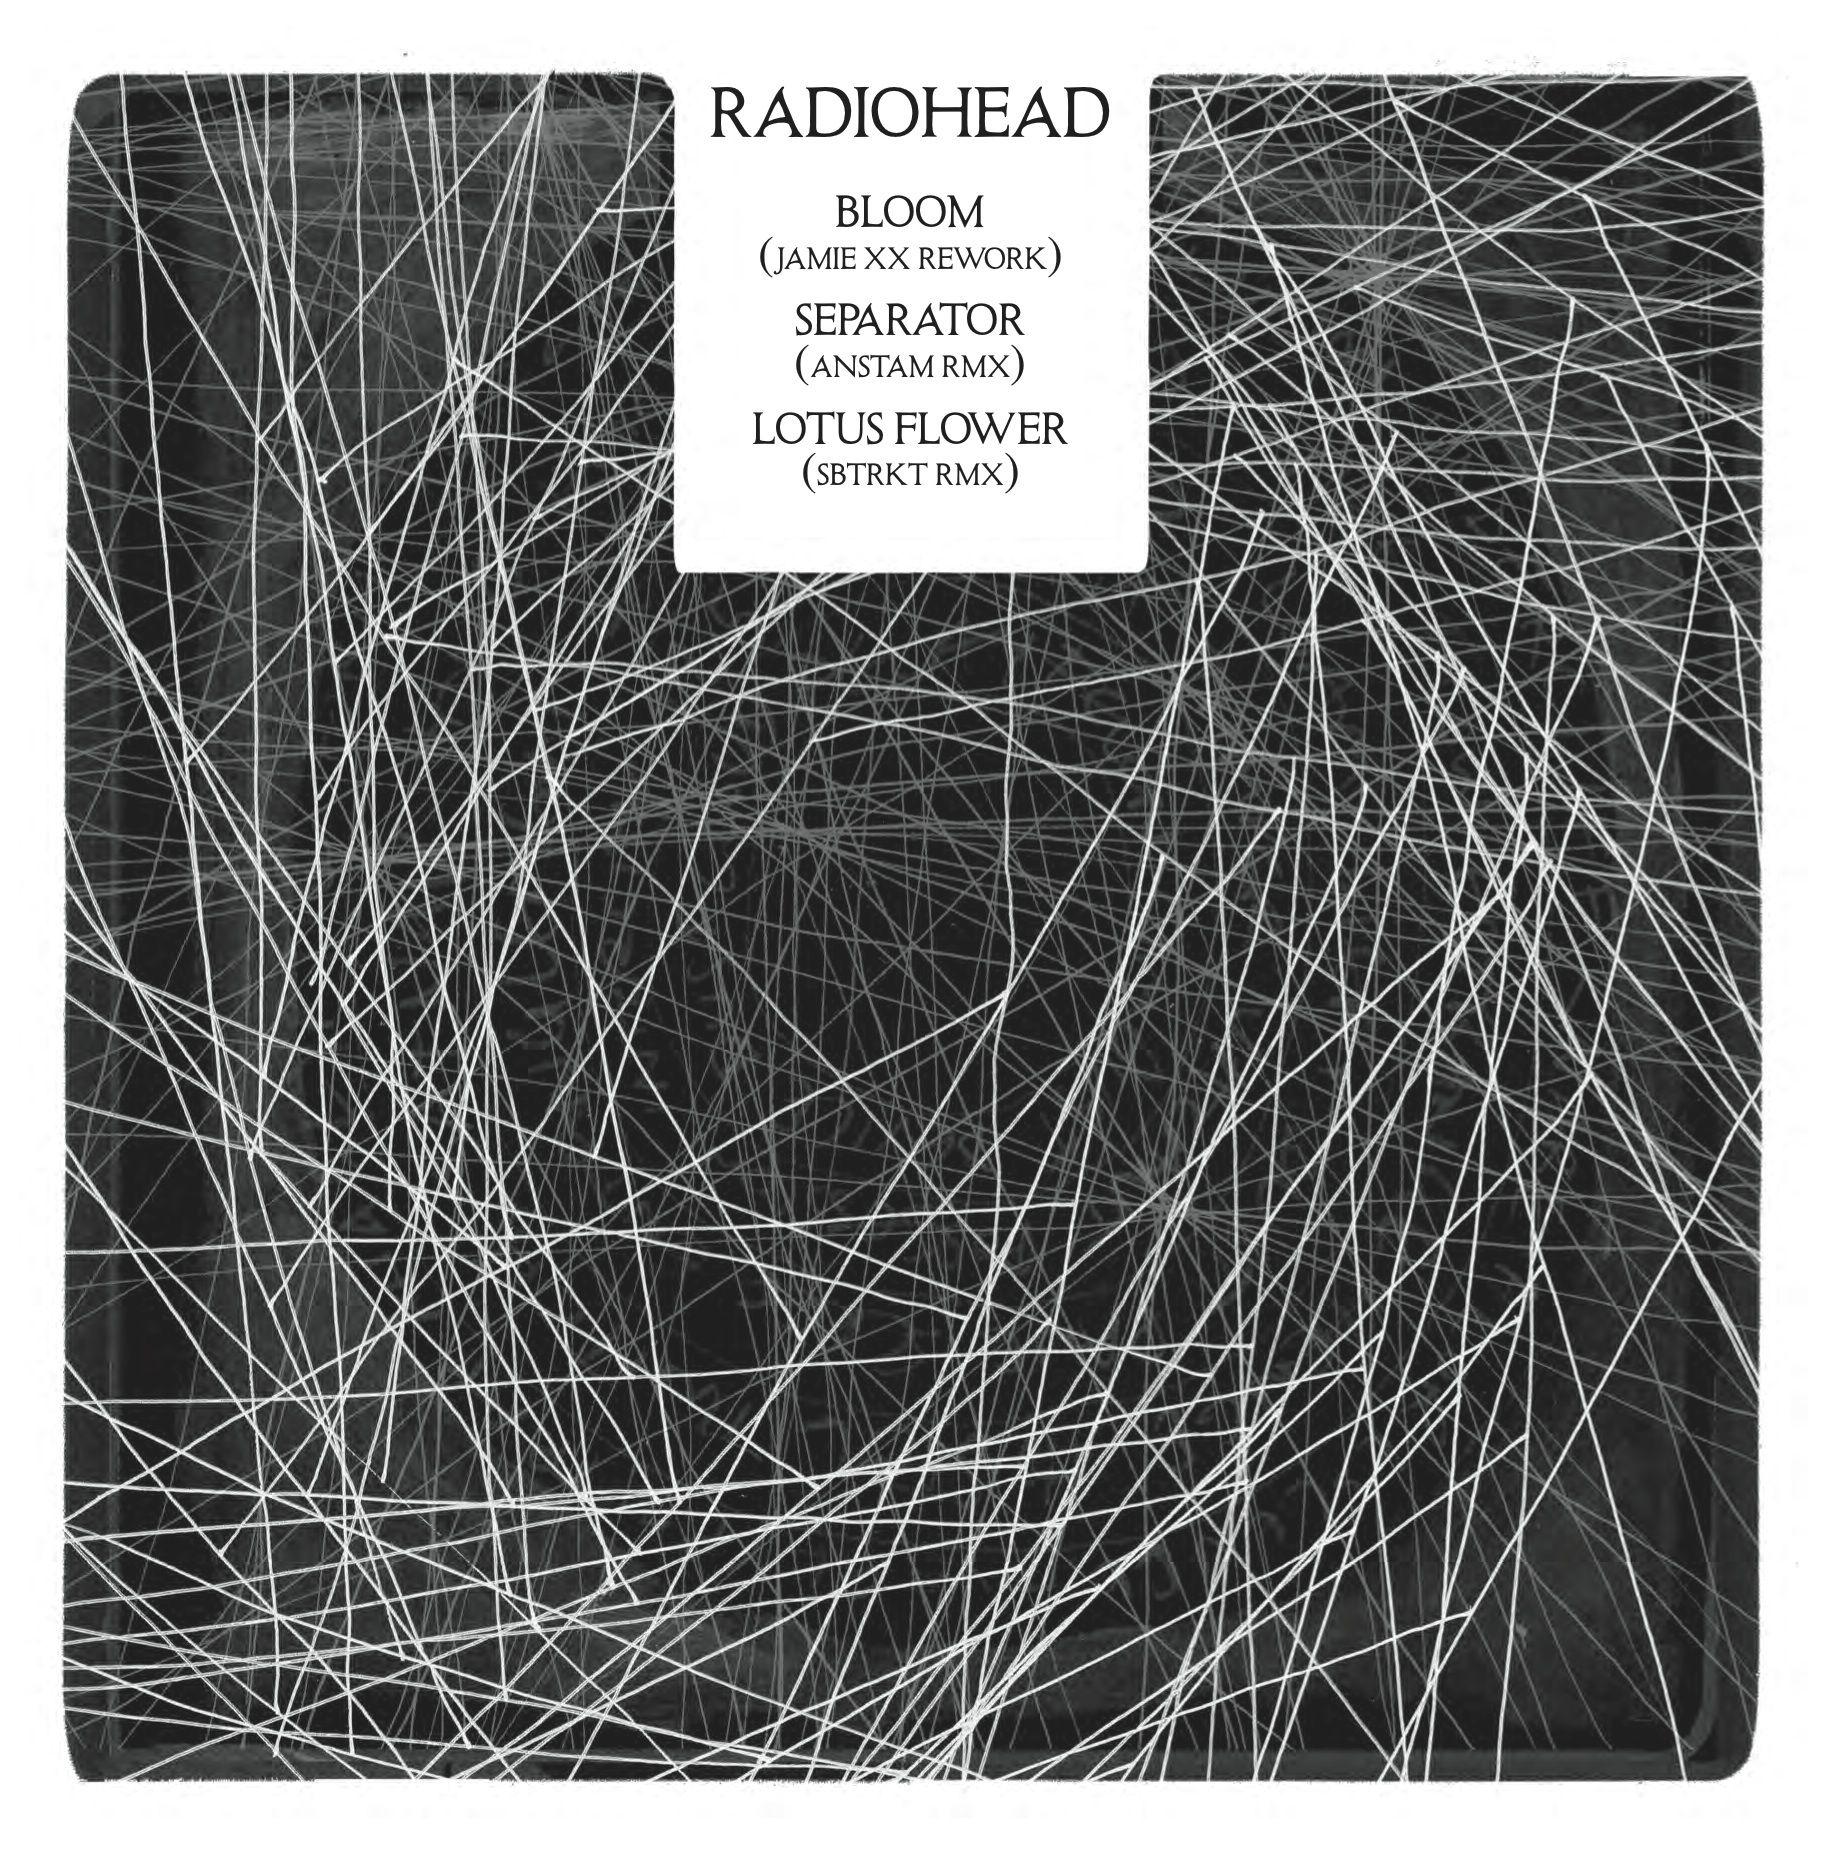 Radiohead Album musique, Graphisme, Graphic